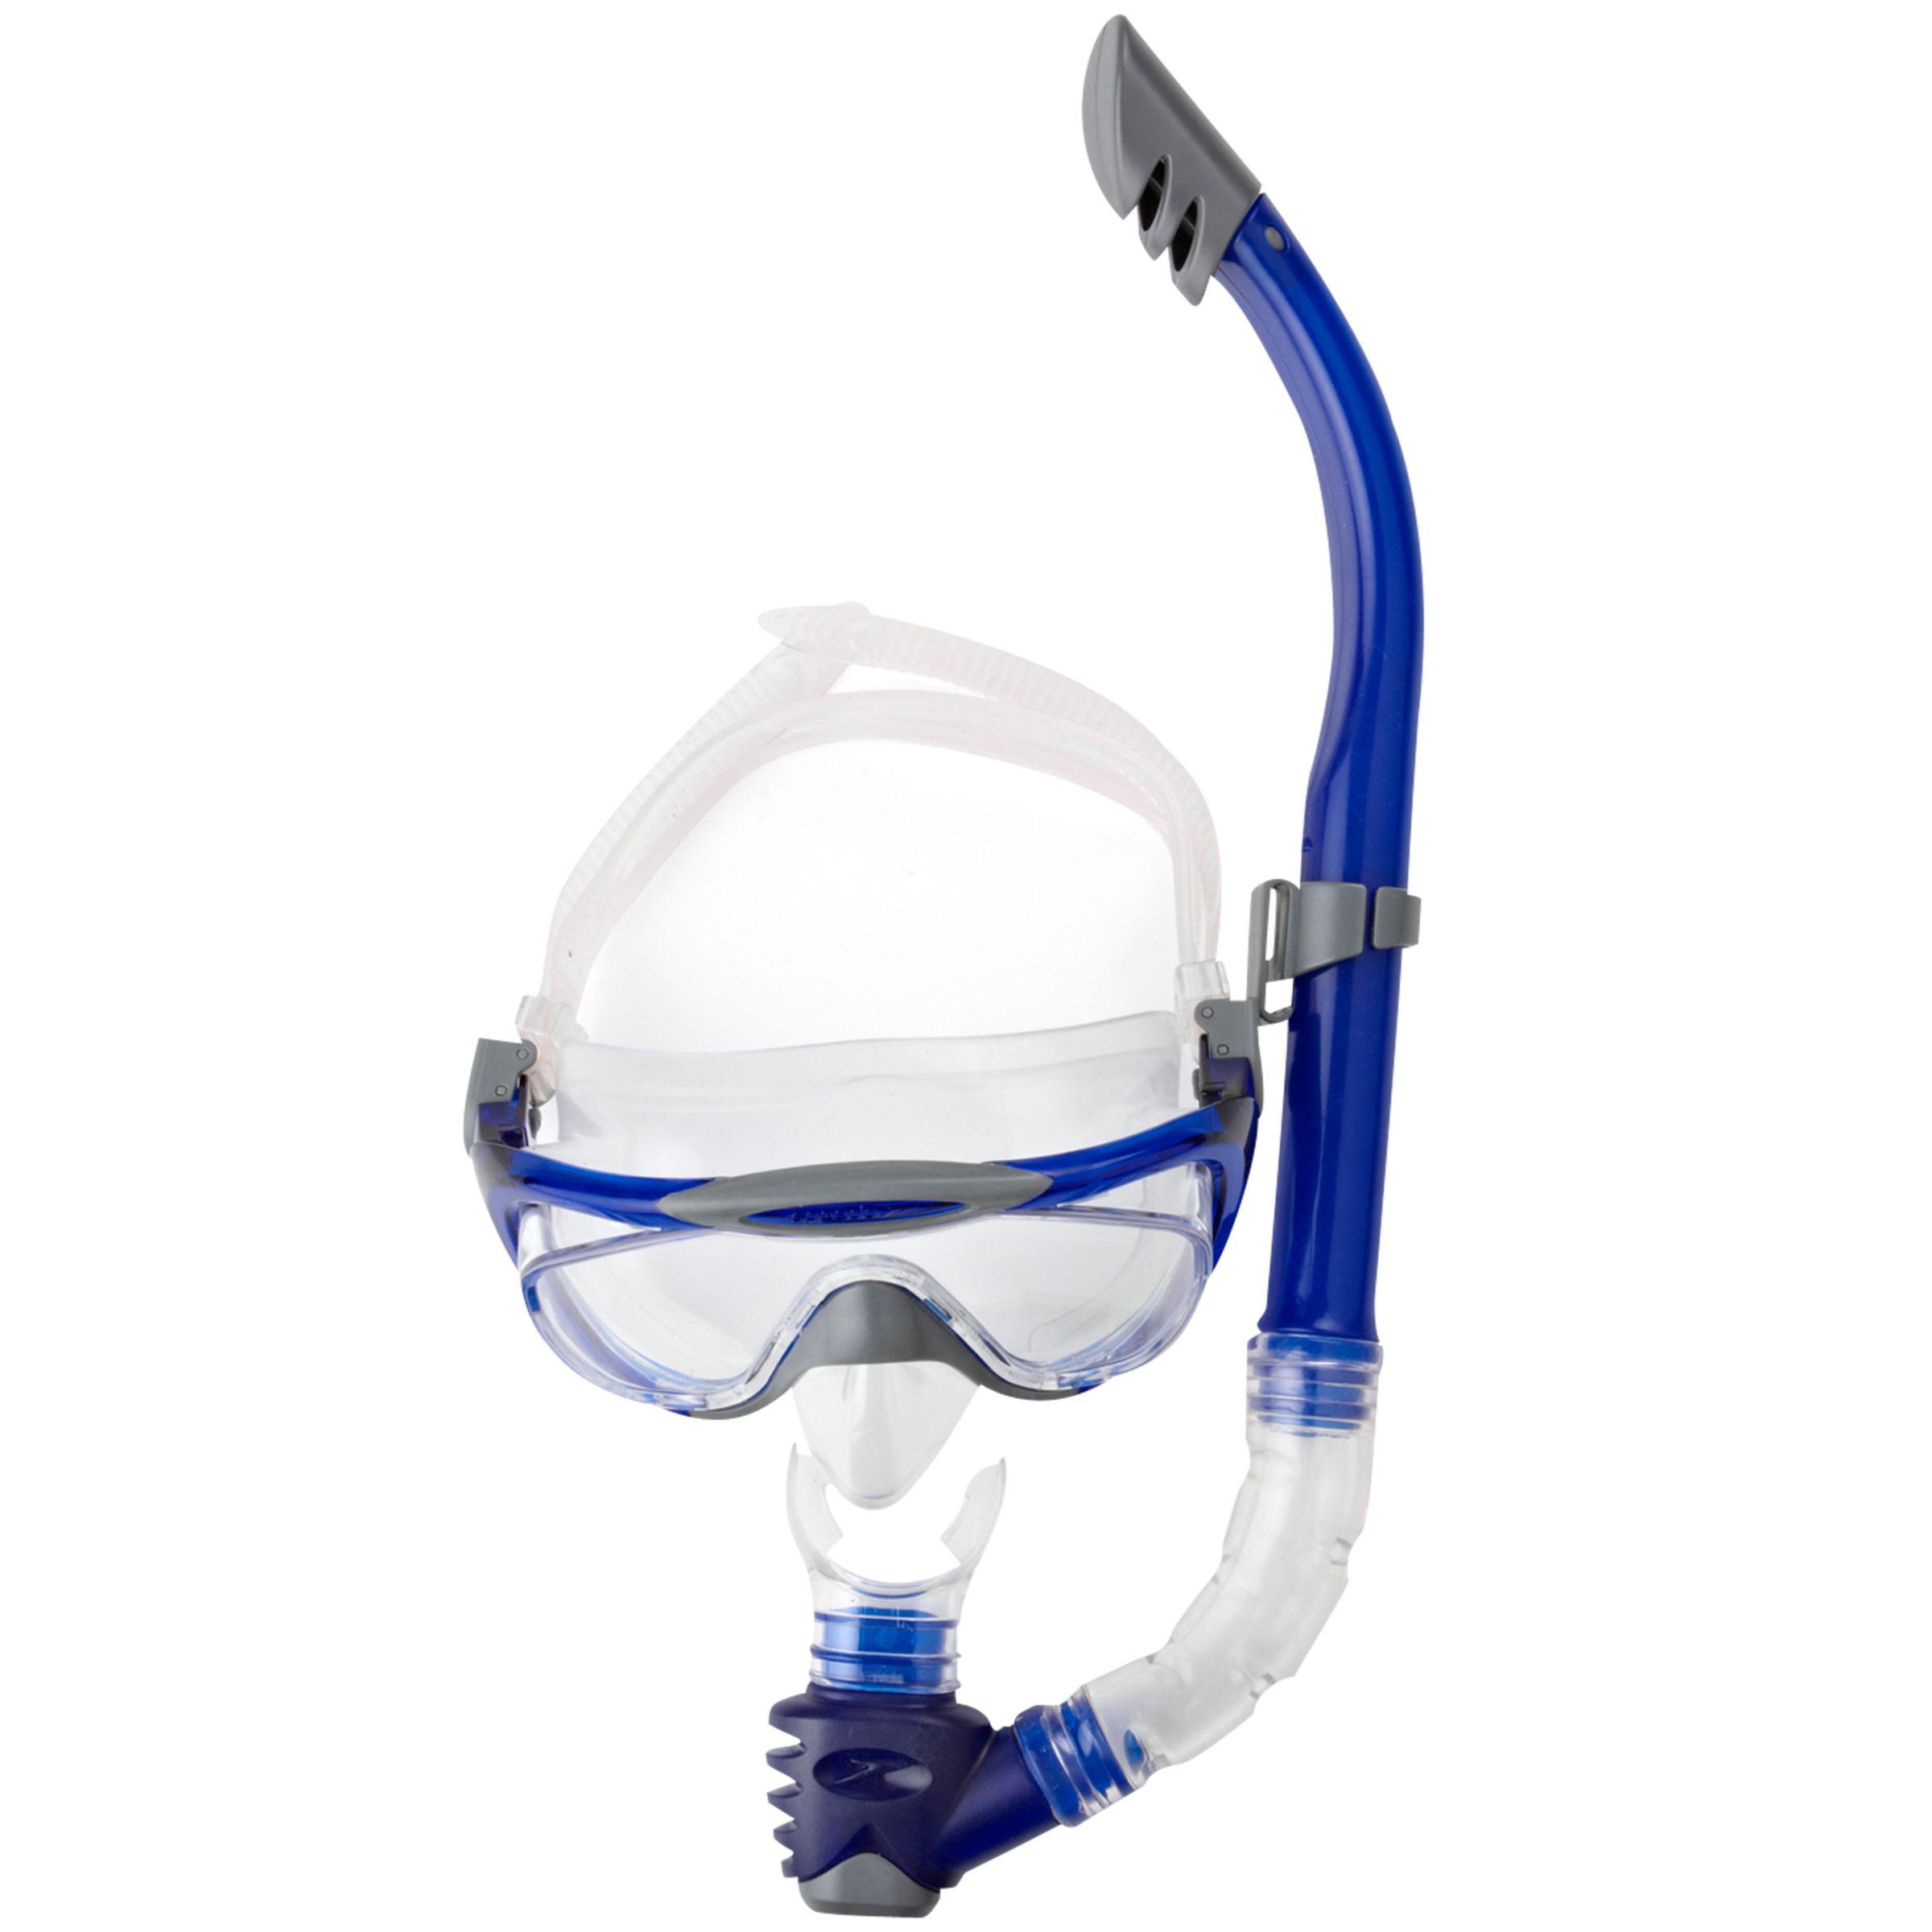 Speedo Speedo Glide Mask & Snorkel Set, One Size